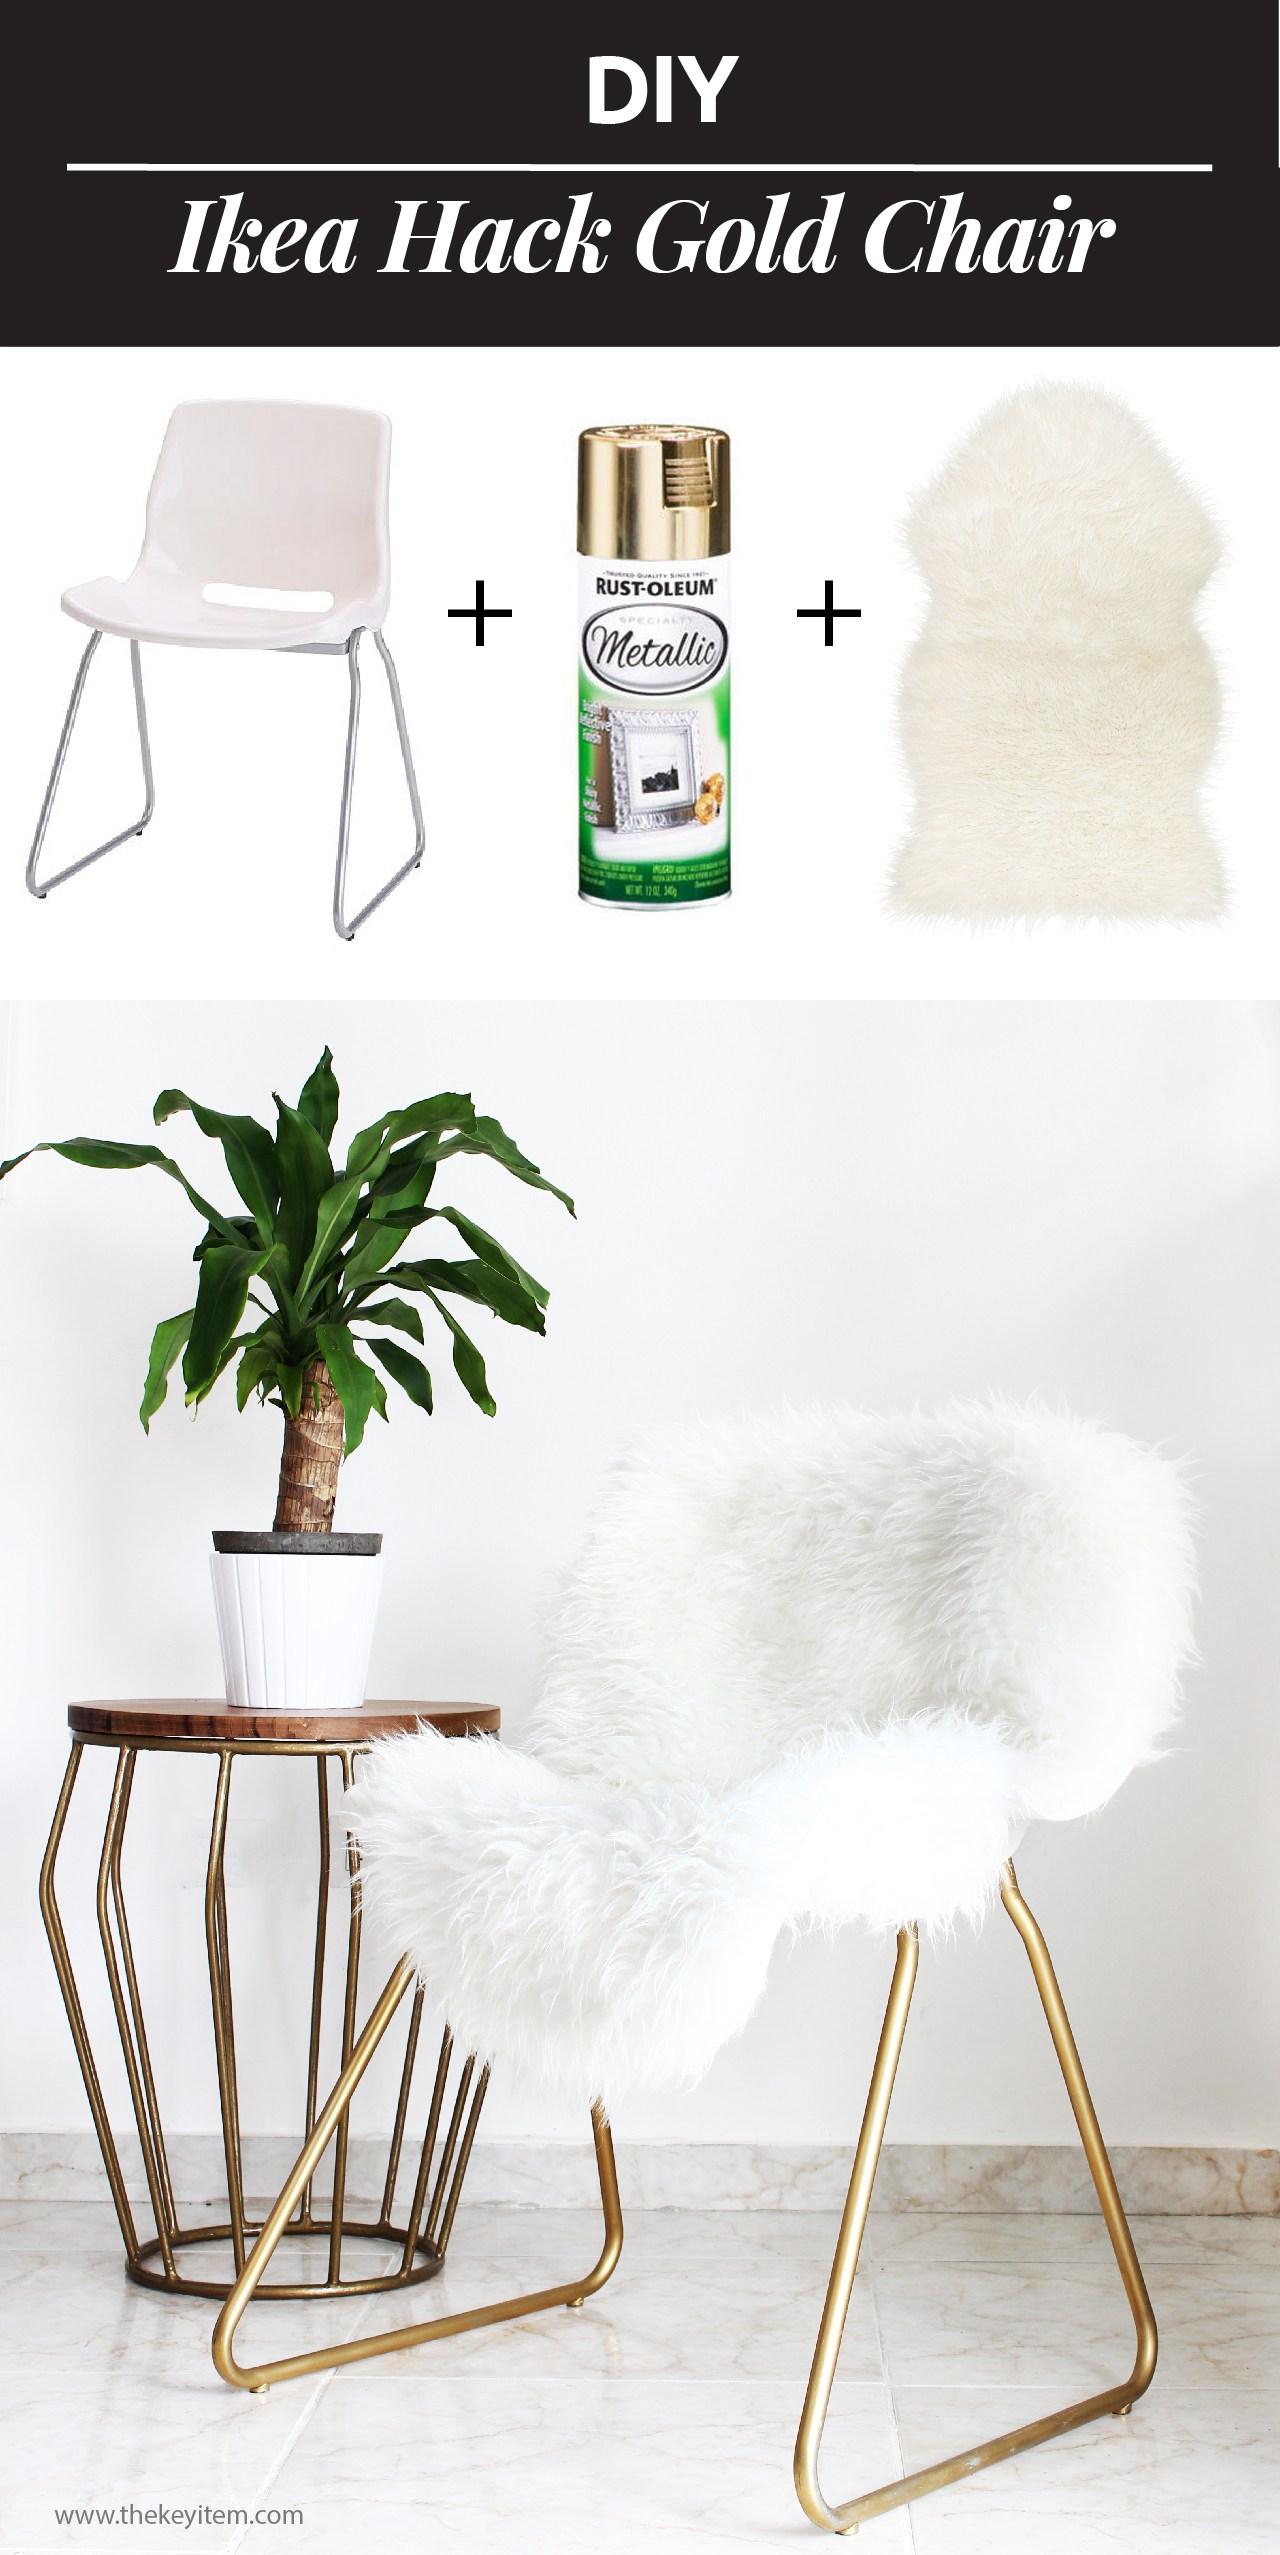 diy comment customiser une chaise moche le meilleur du diy. Black Bedroom Furniture Sets. Home Design Ideas